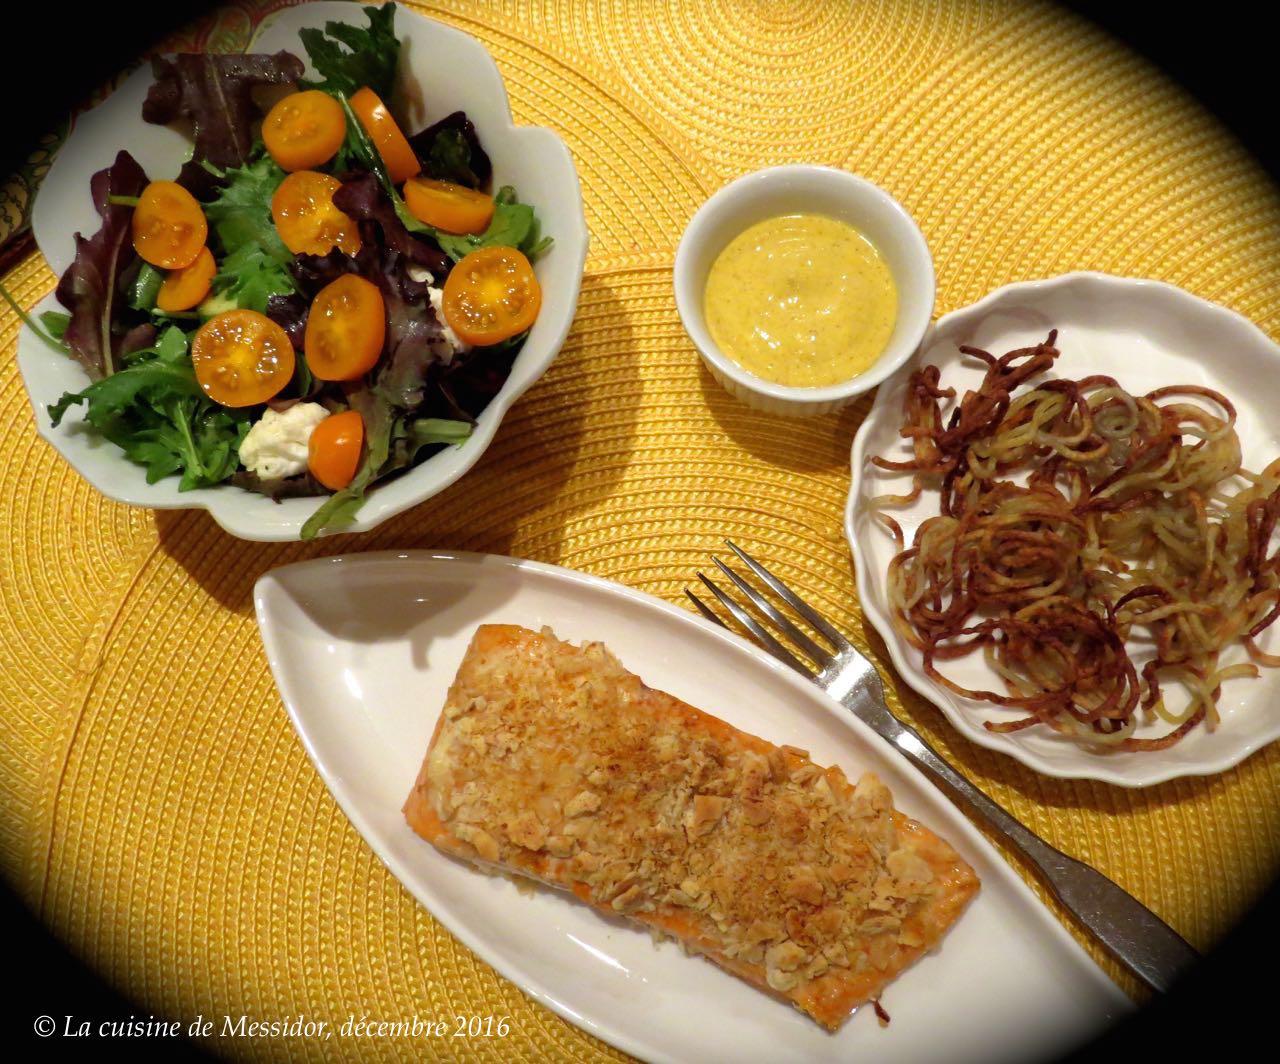 Recette Land Recette De Filets De Truite En Croute Au Fromage